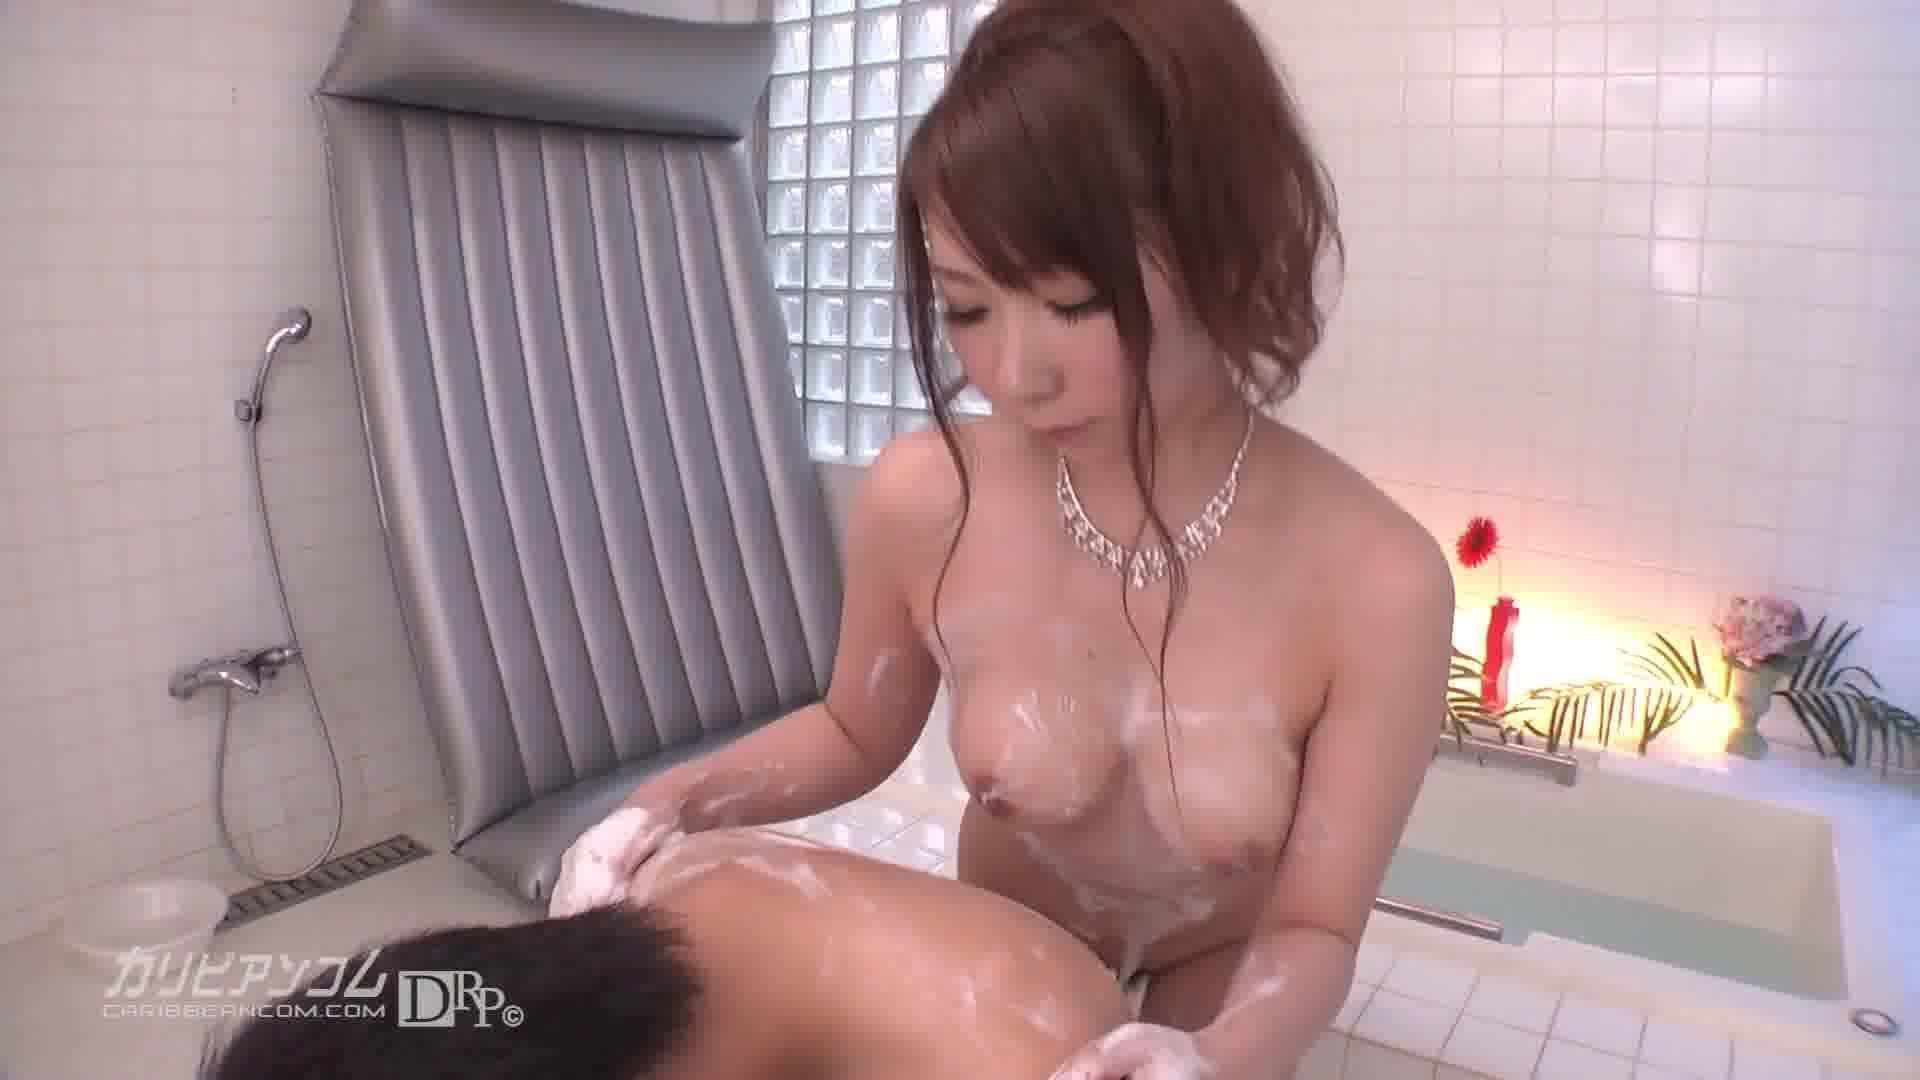 極上泡姫物語 Vol.17 - 桂木ゆに【痴女・ギャル・風俗】